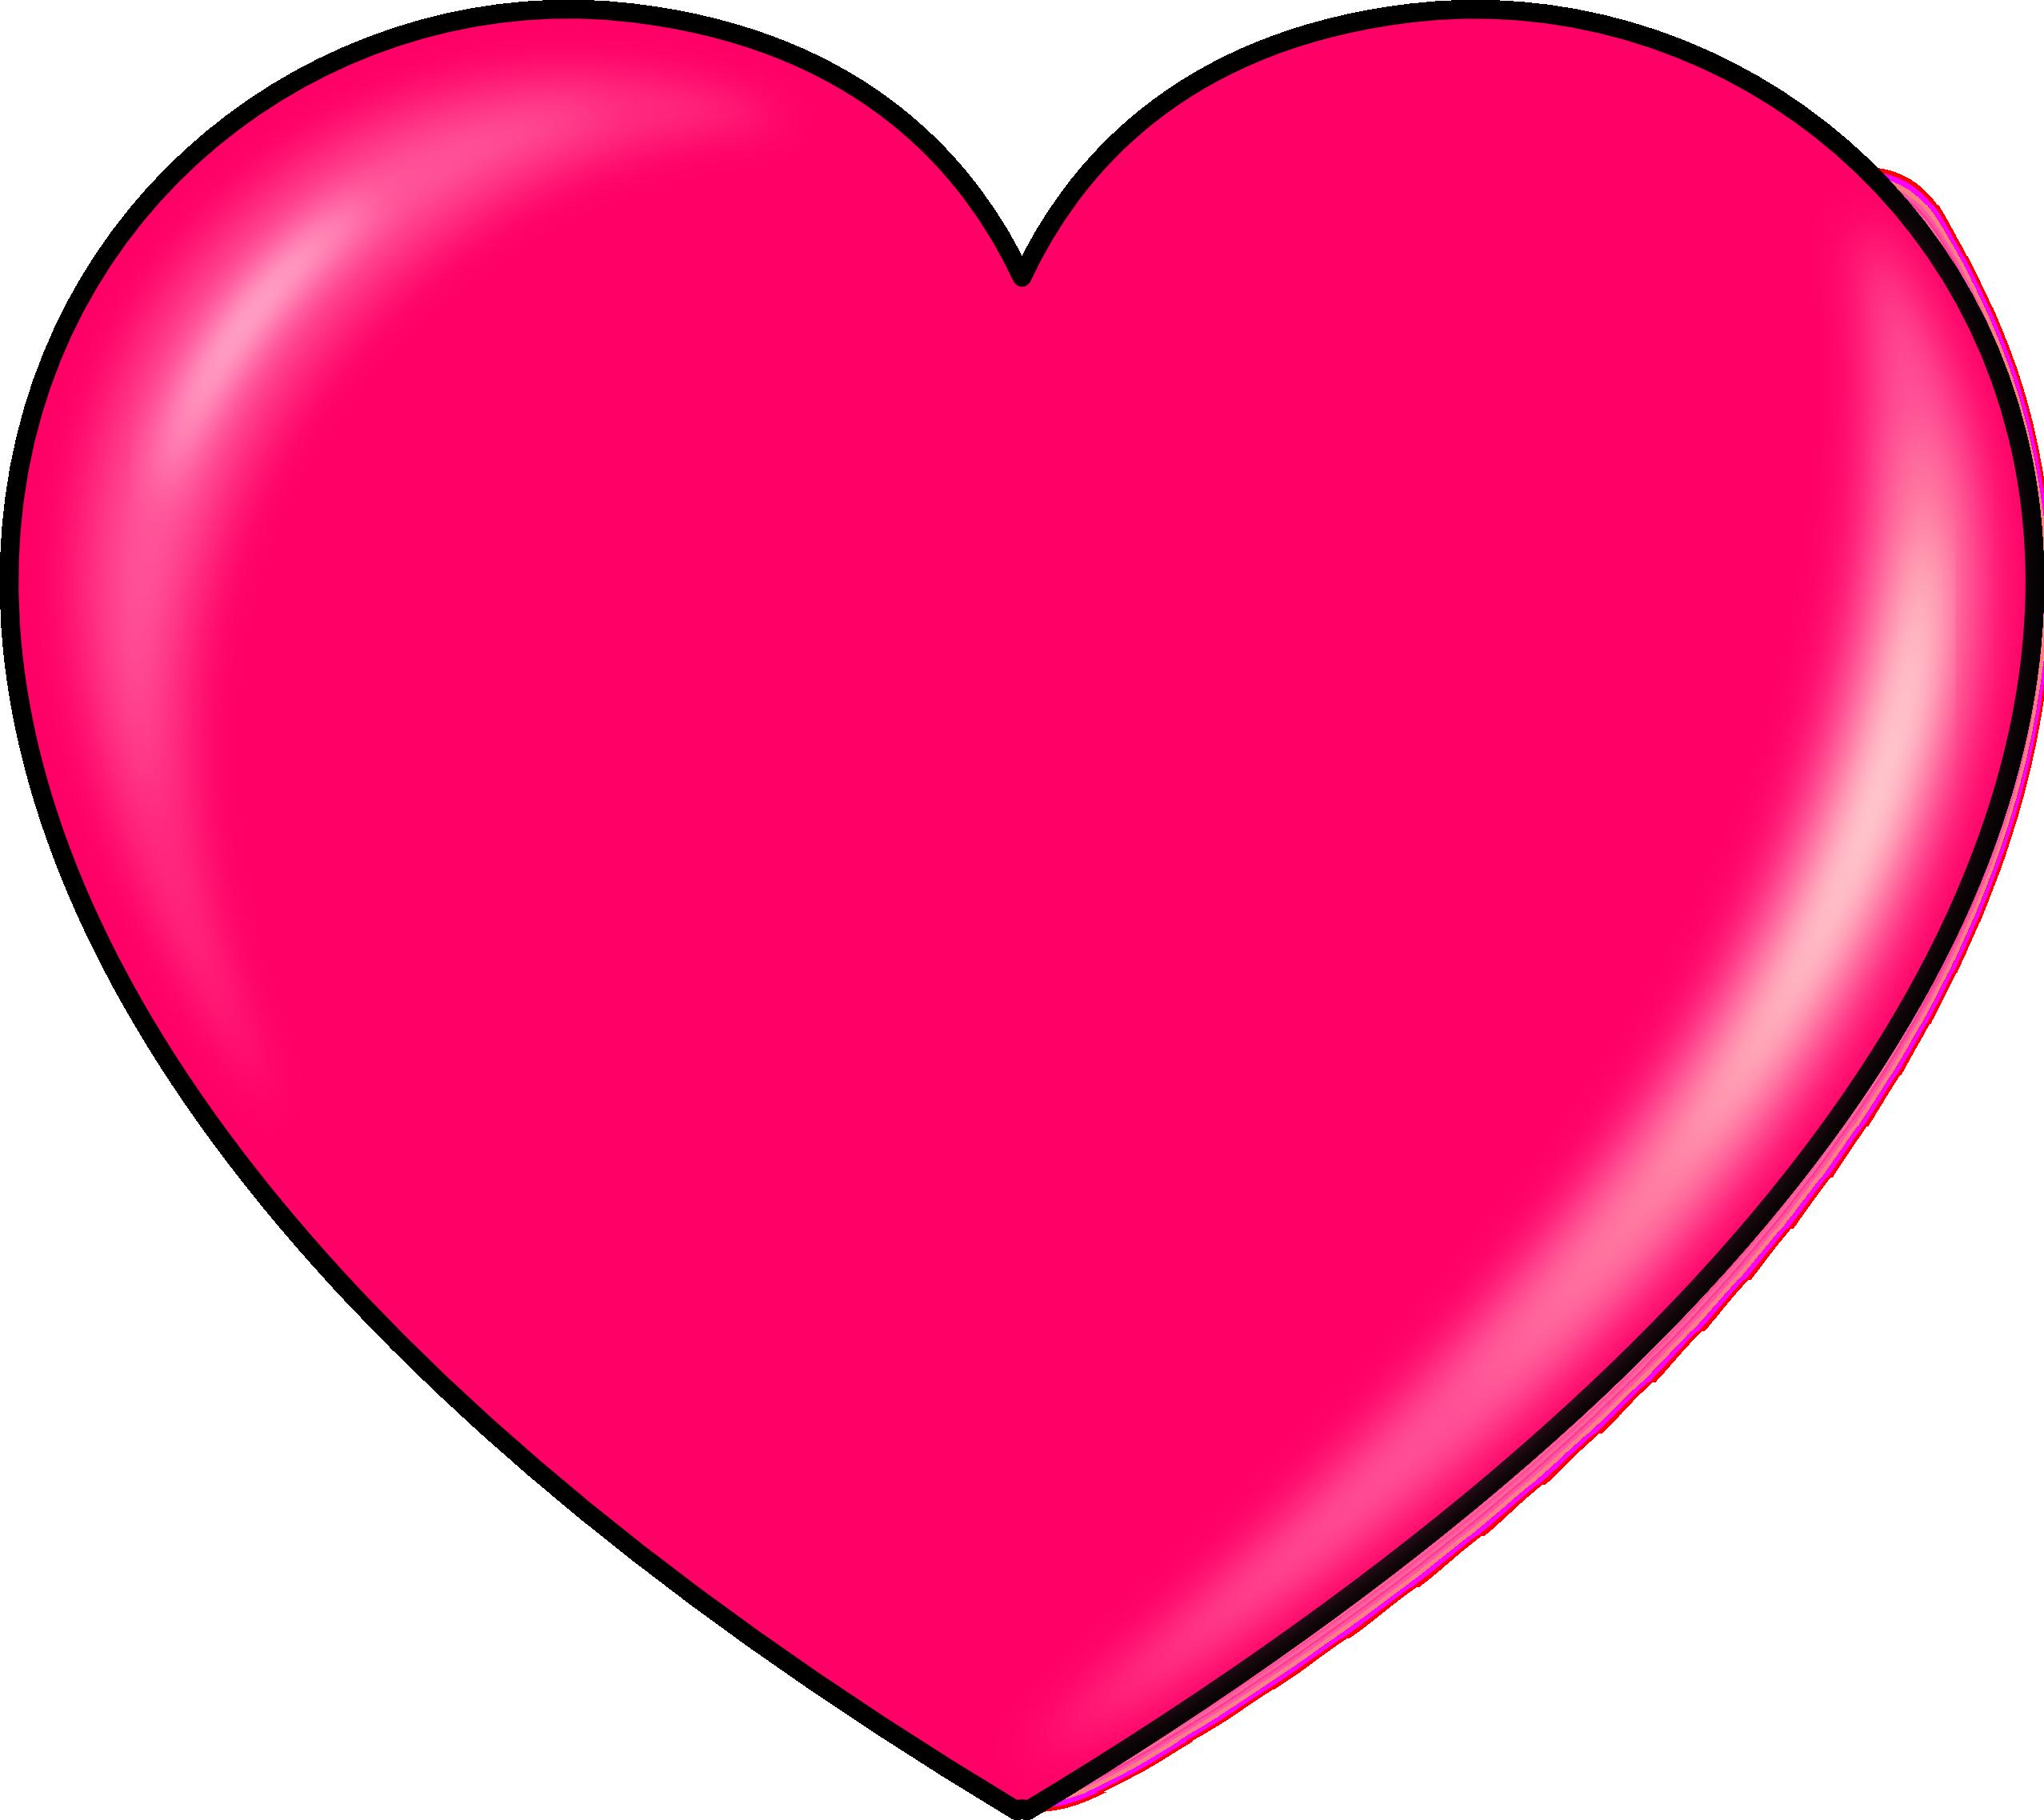 Shocking Pink PNG Image - PurePNG | Free transparent CC0 PNG Image Library